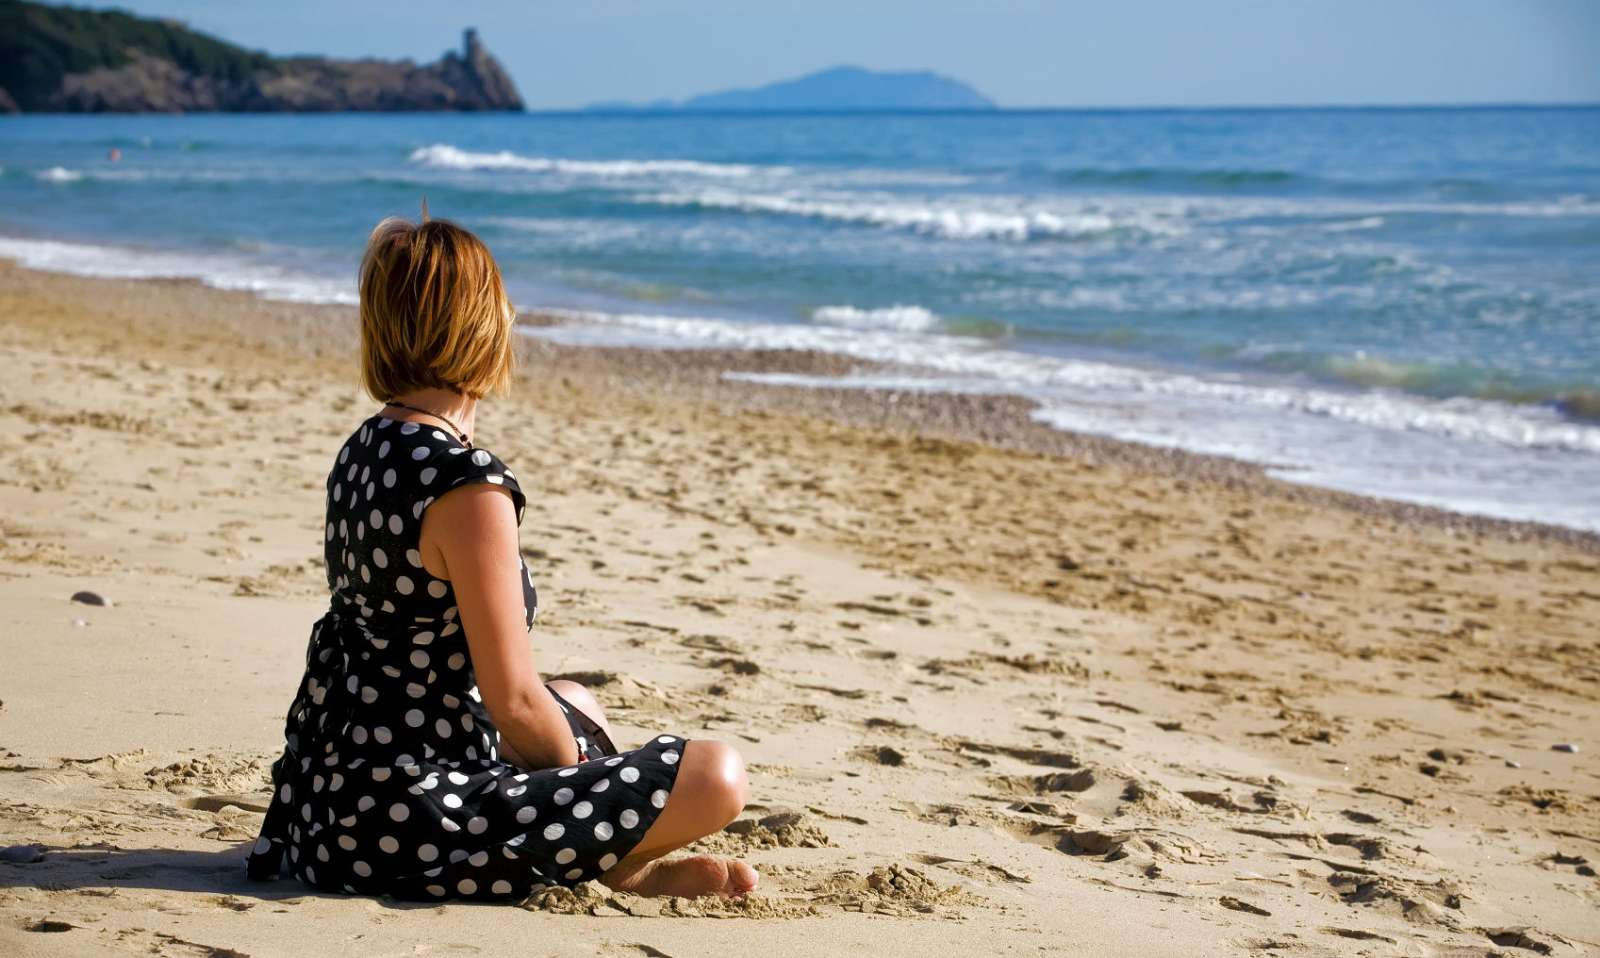 La plage de Gaeta au sud du Latium